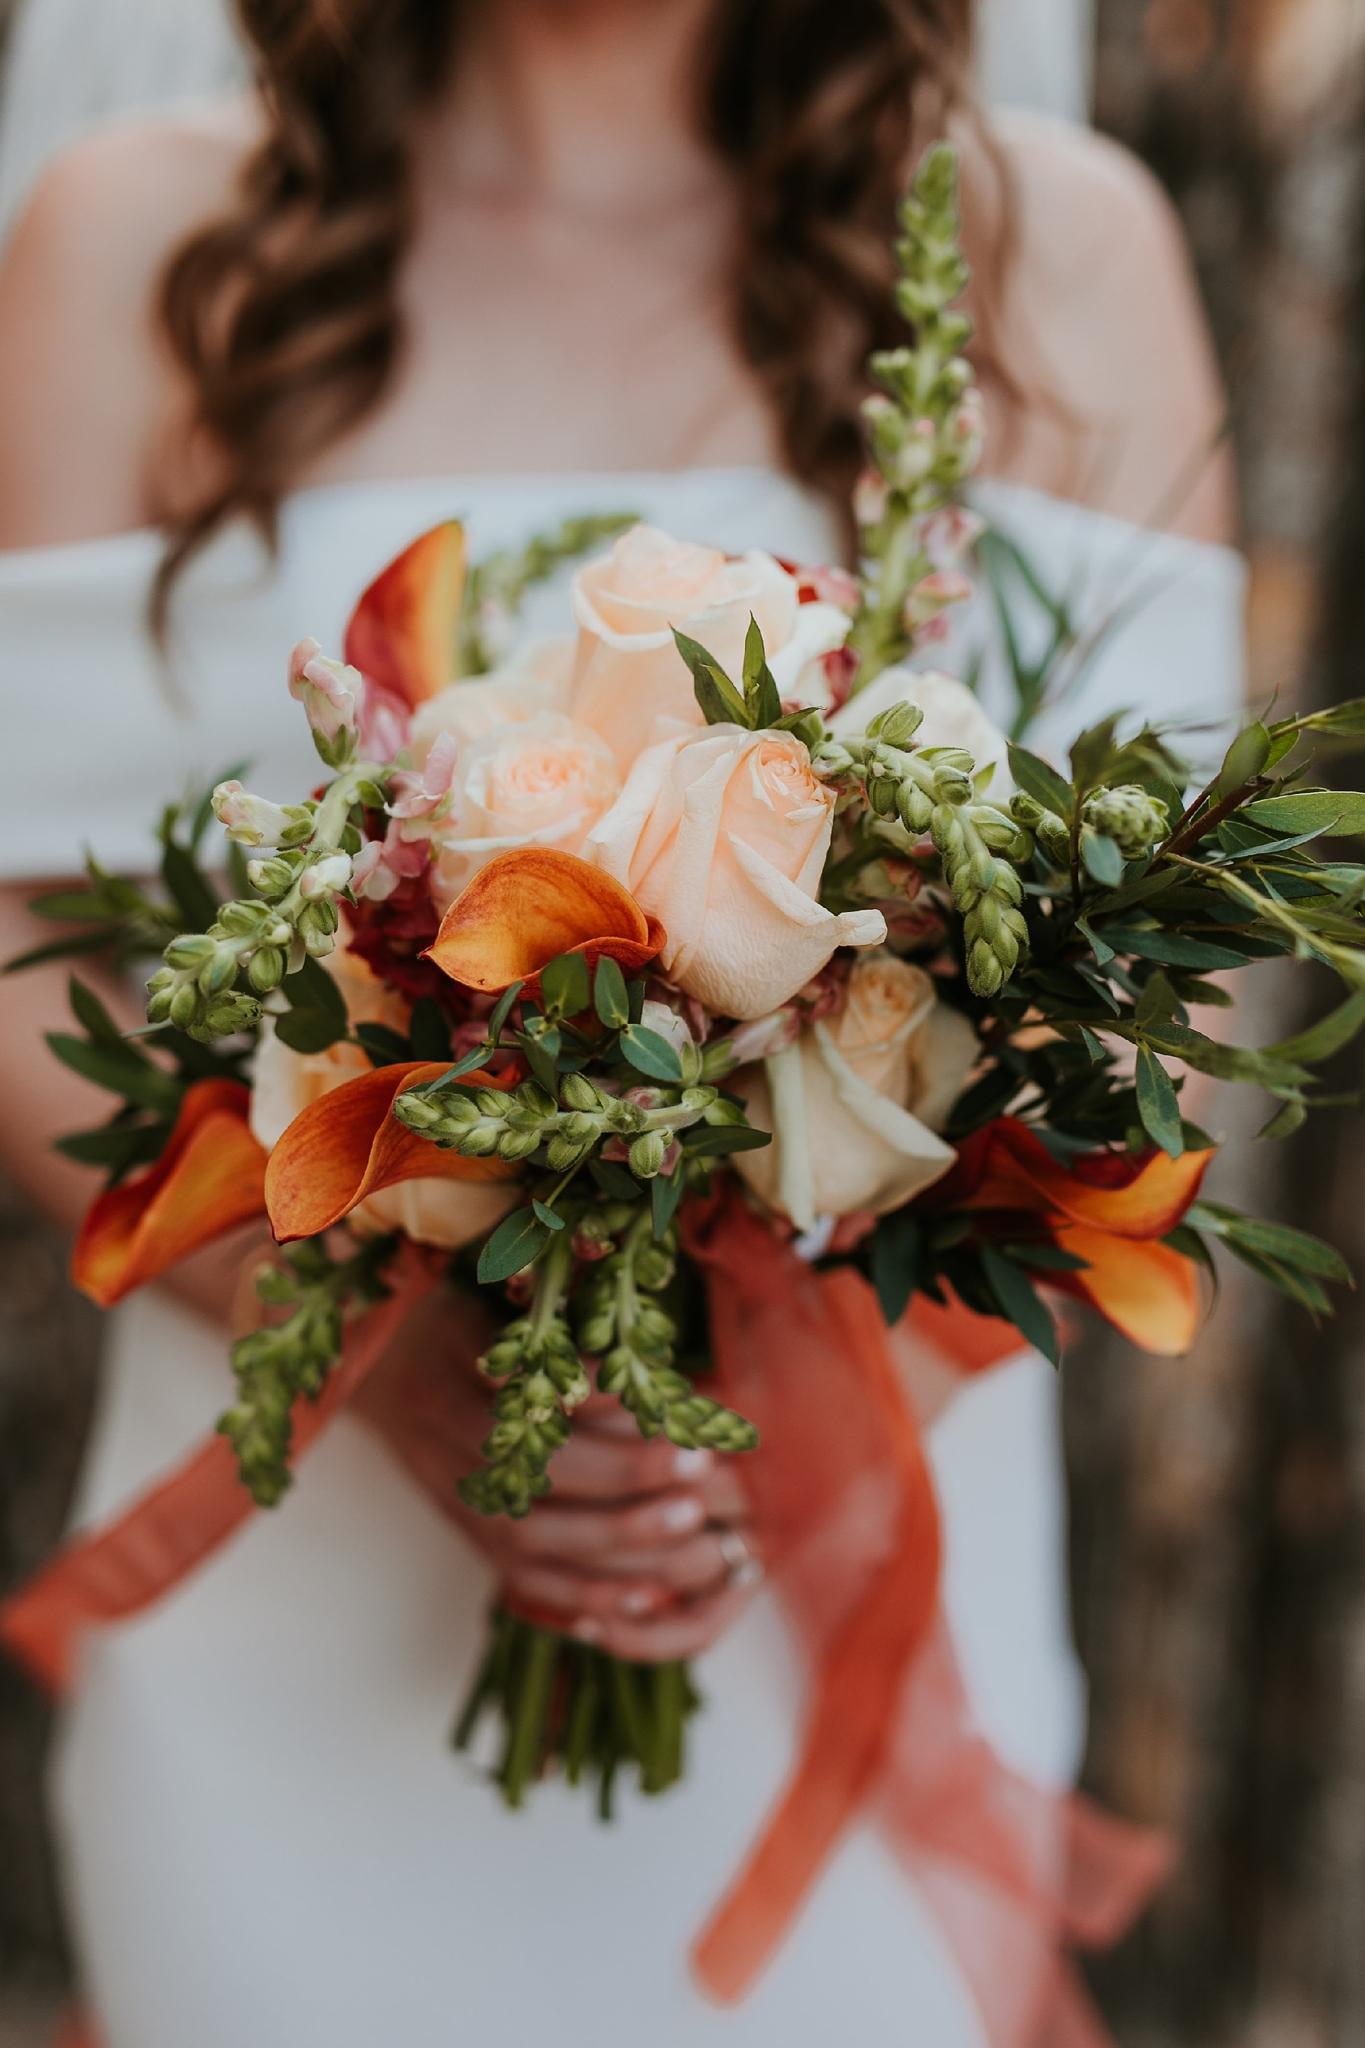 Alicia+lucia+photography+-+albuquerque+wedding+photographer+-+santa+fe+wedding+photography+-+new+mexico+wedding+photographer+-+new+mexico+wedding+-+summer+wedding+-+summer+wedding+florals+-+southwest+wedding_0112.jpg